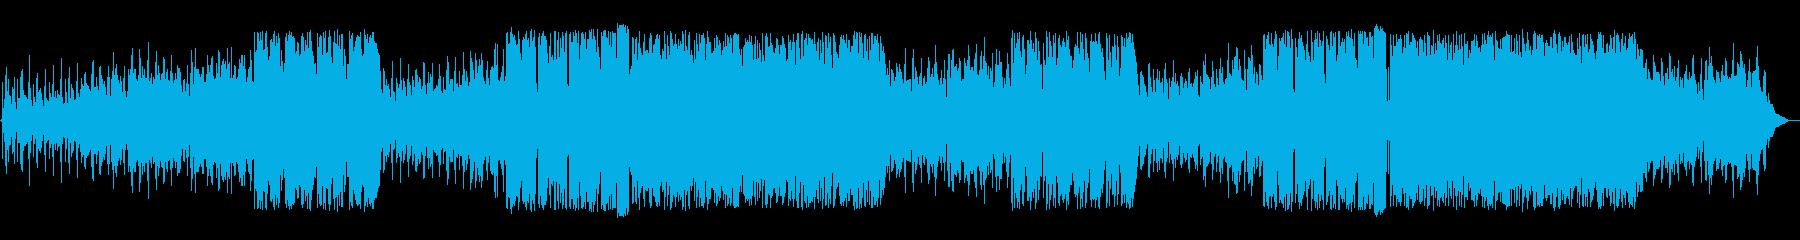 洋楽 英語 フューチャーポップ ドラマの再生済みの波形